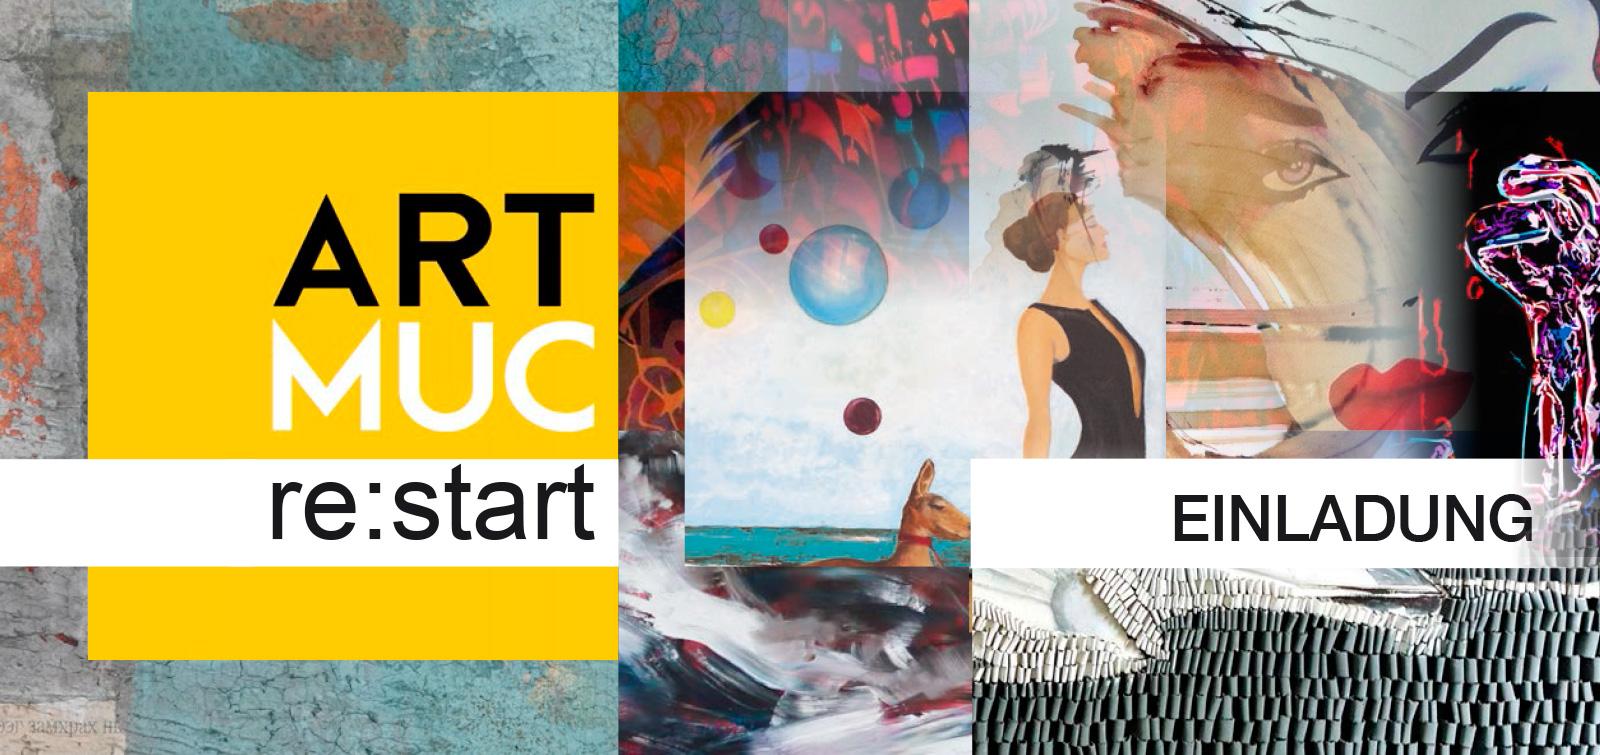 ARTMUC_RE_START_john_schmitz-1